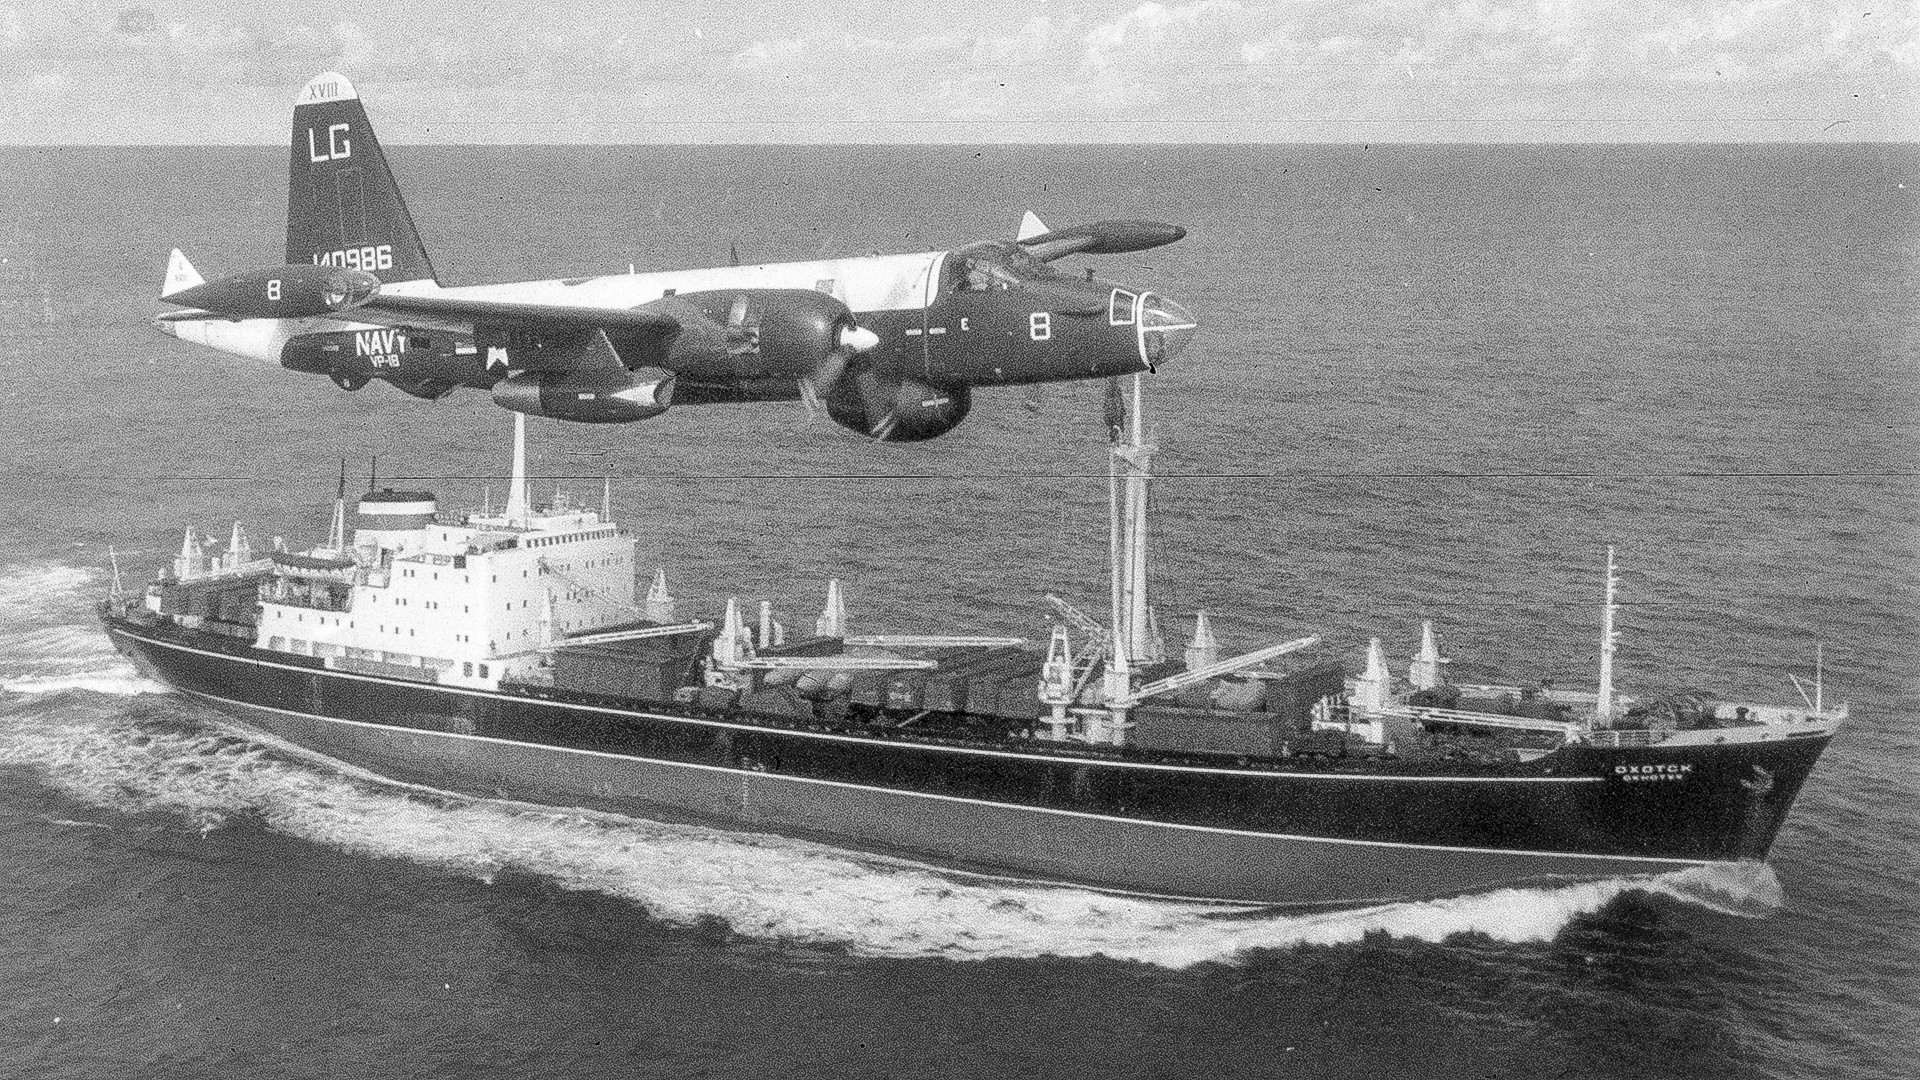 Патрулиращ американски самолет A P2V Neptune над съветски товарен кораб по време на Карибската криза през 1962 г.